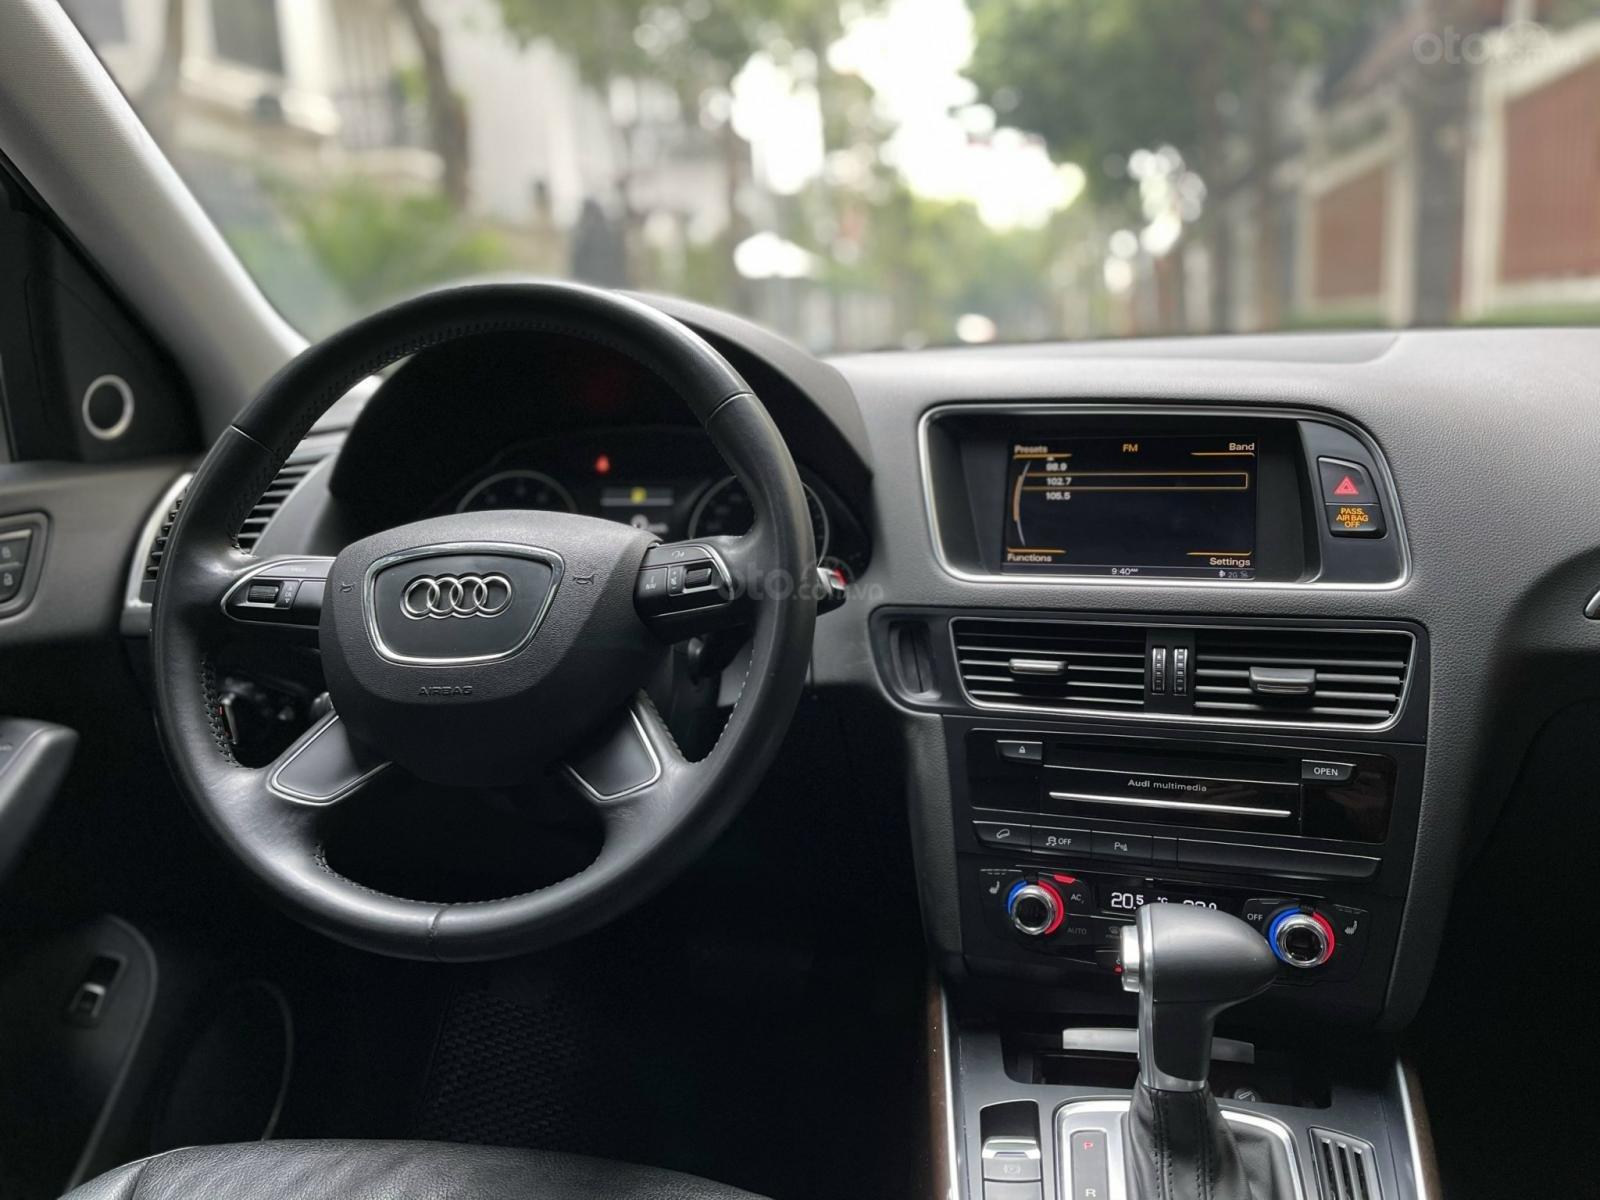 Chính chủ bán Audi Q5 nhập Mỹ - xe lướt cũ cực đẹp (10)